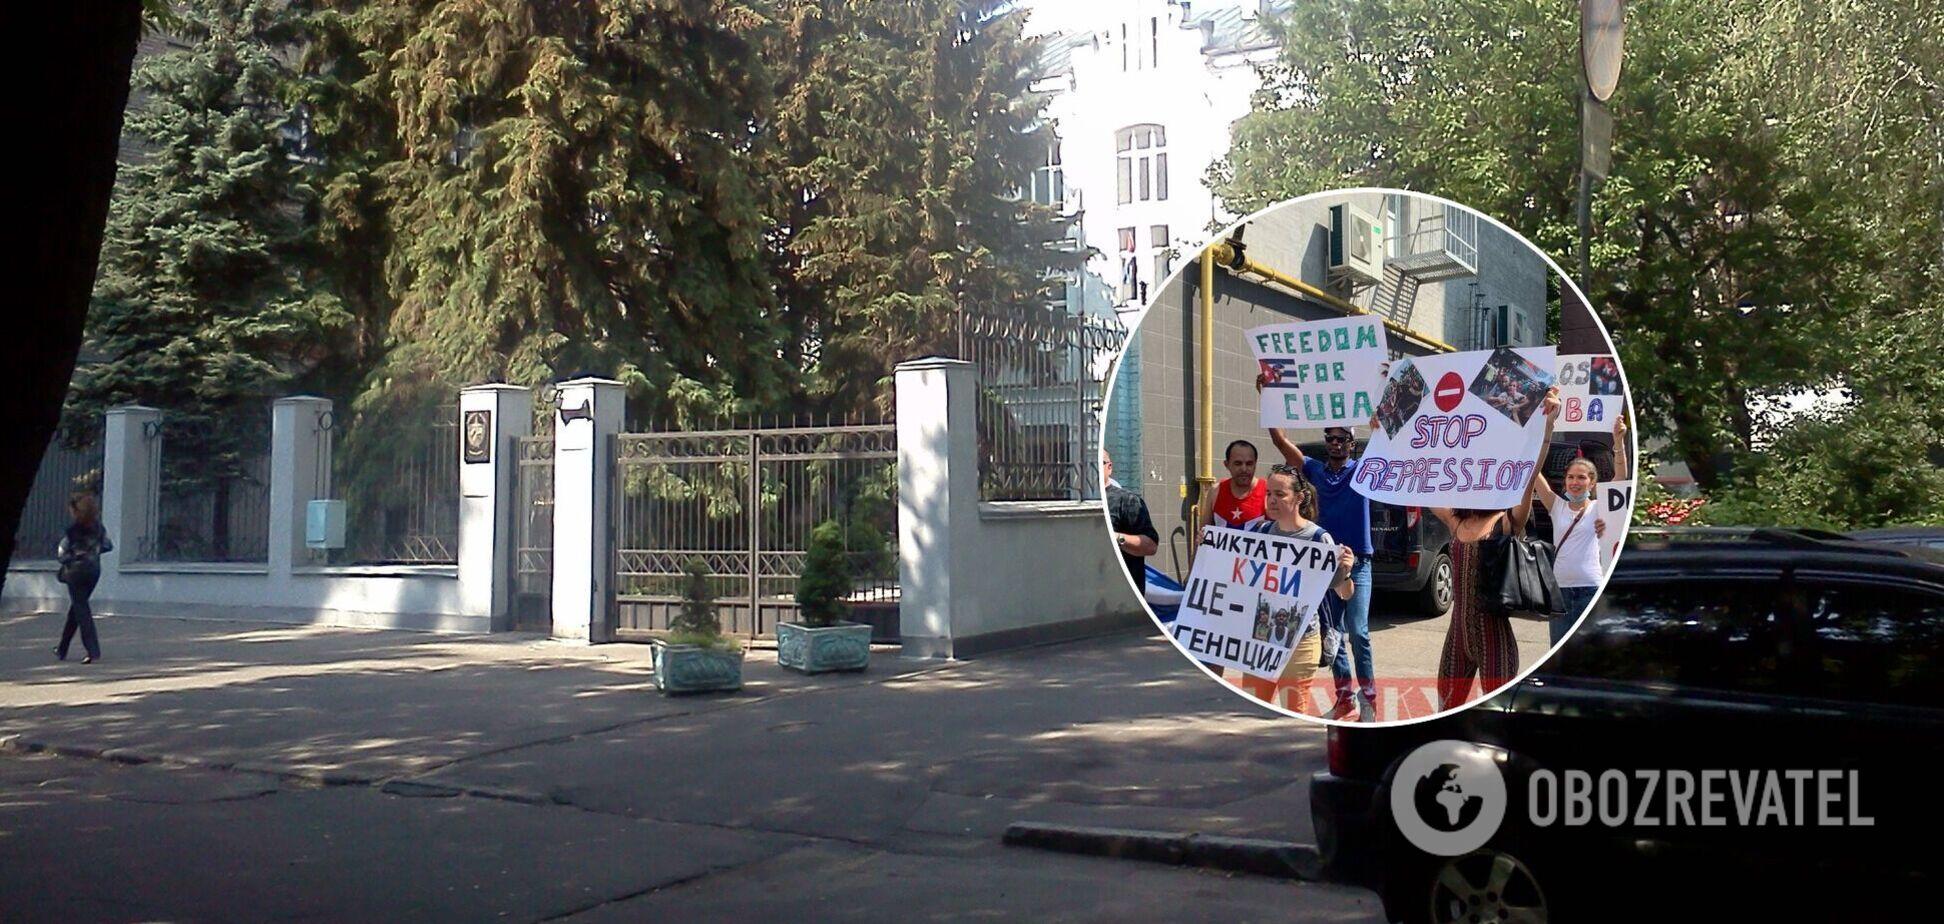 За акцией протеста наблюдали правоохранители